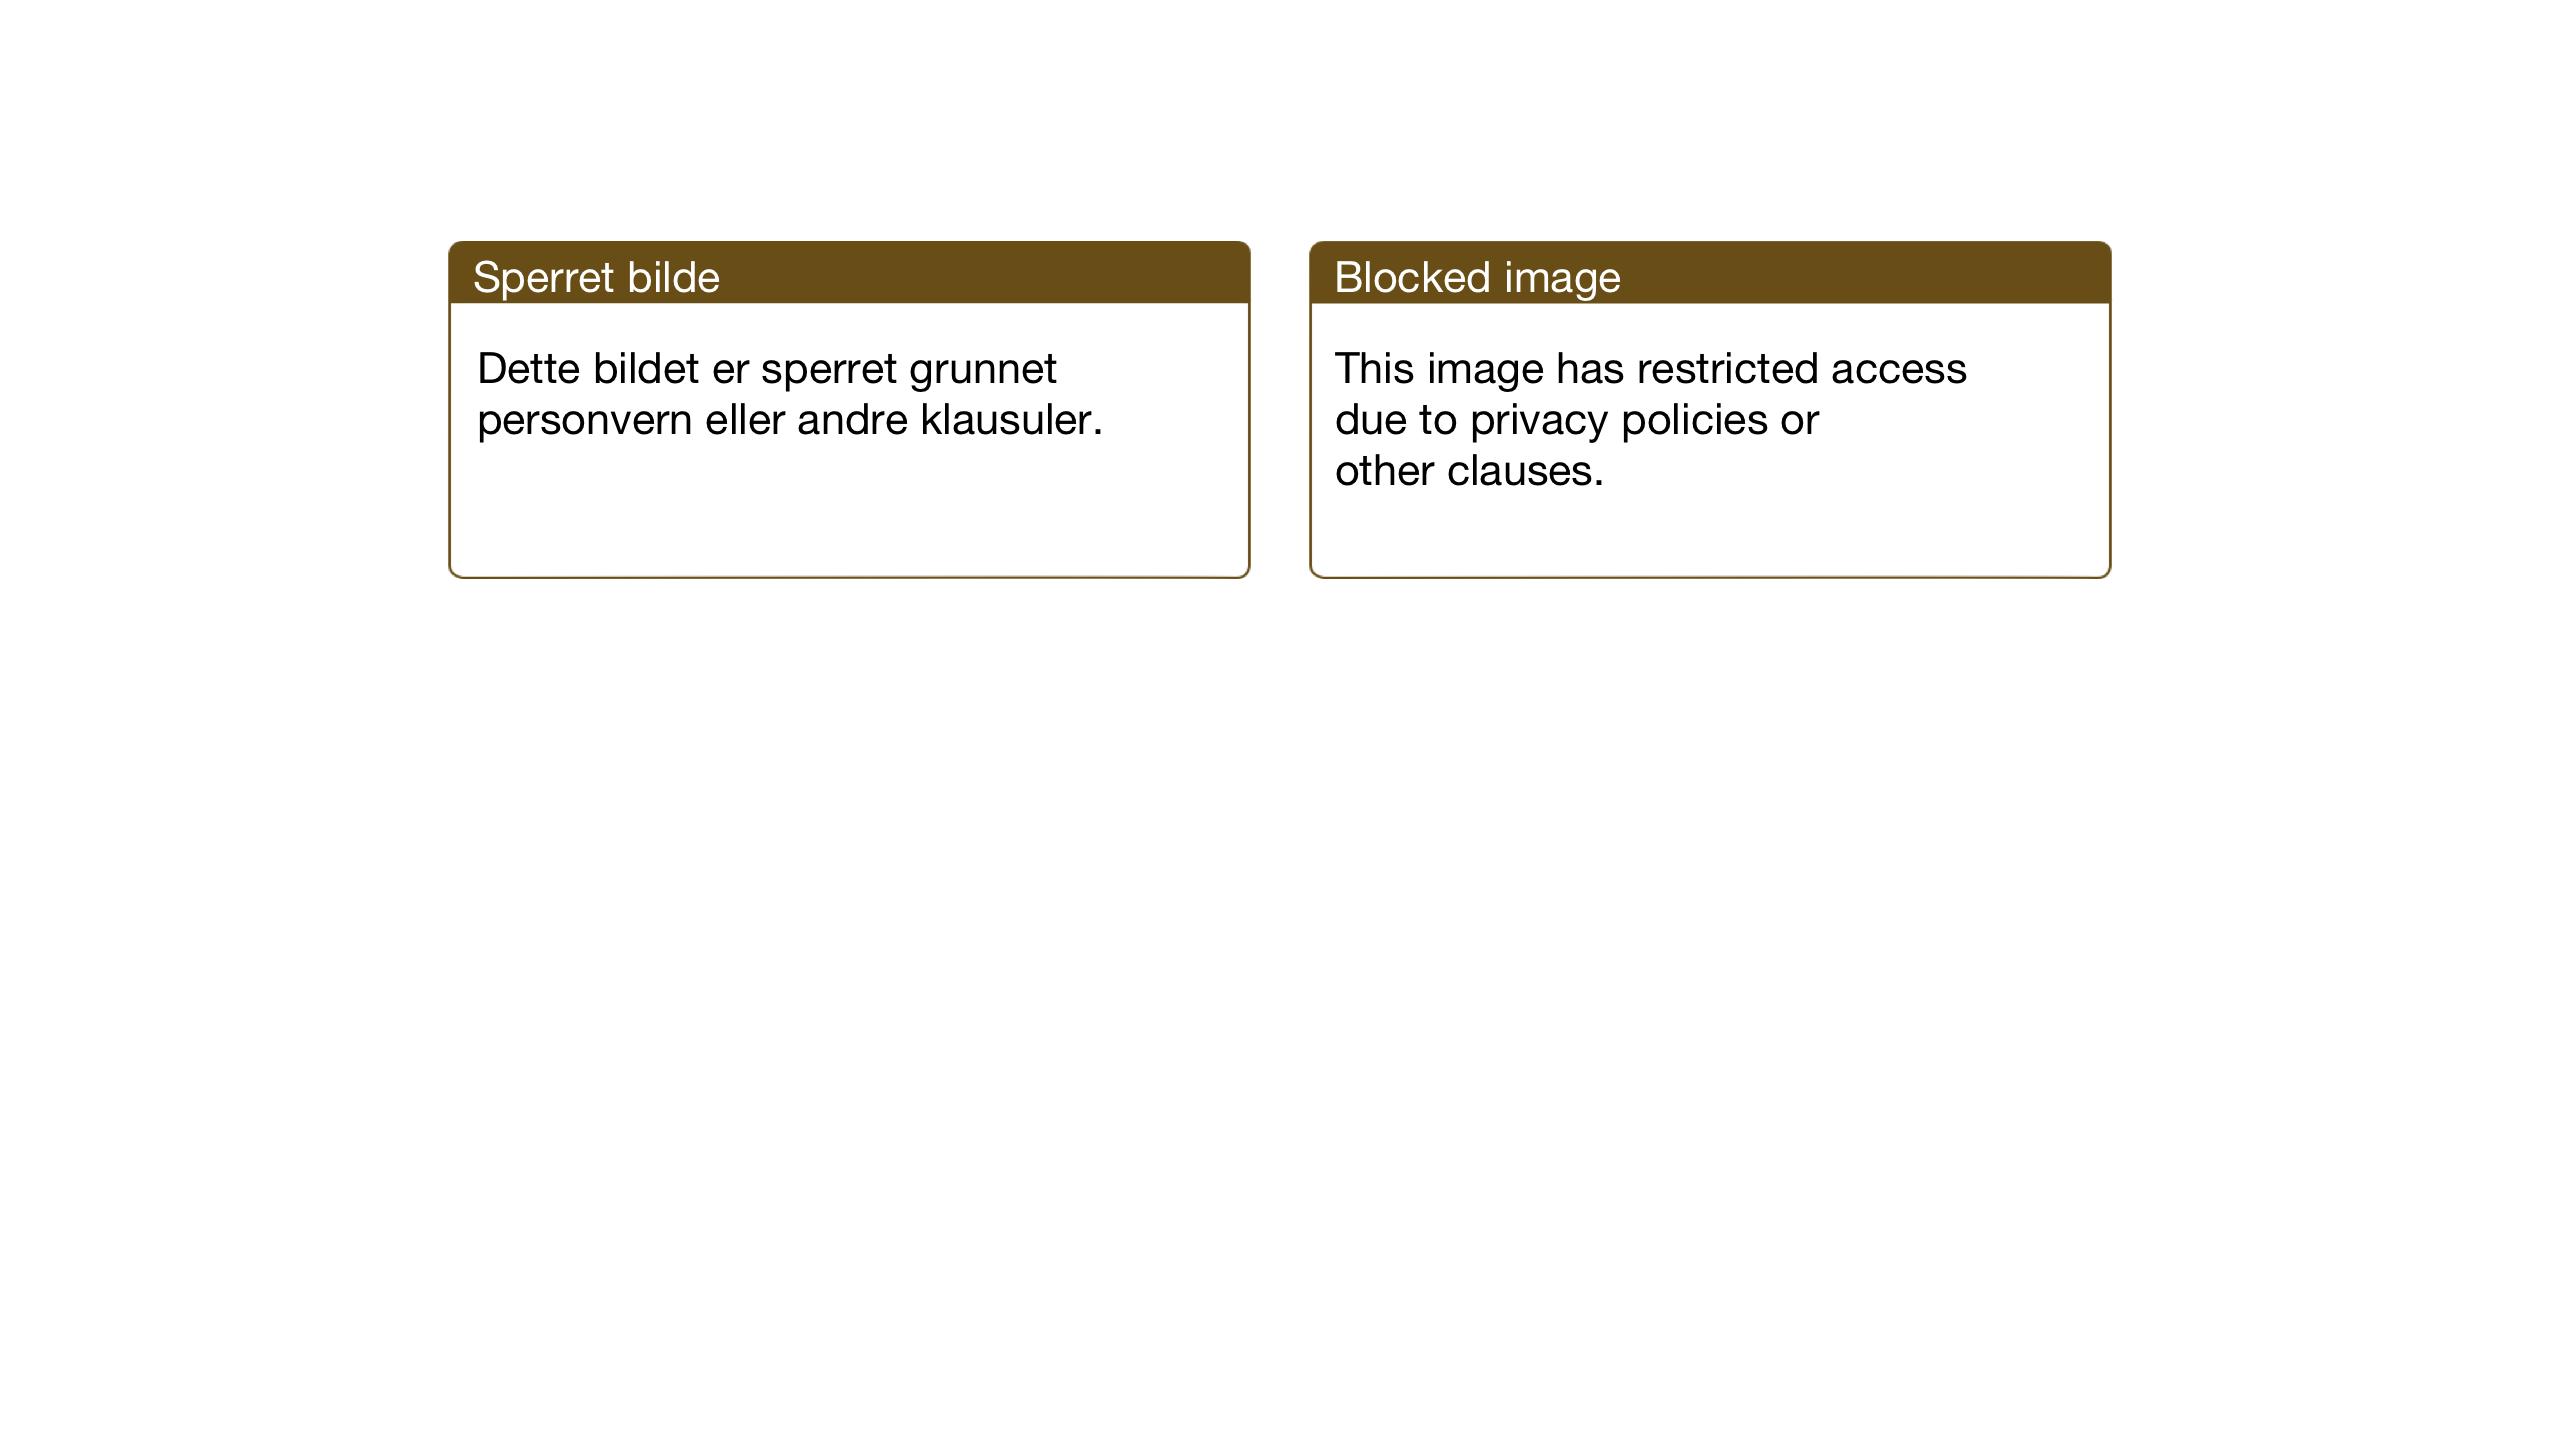 SAT, Ministerialprotokoller, klokkerbøker og fødselsregistre - Sør-Trøndelag, 662/L0758: Klokkerbok nr. 662C03, 1918-1948, s. 72